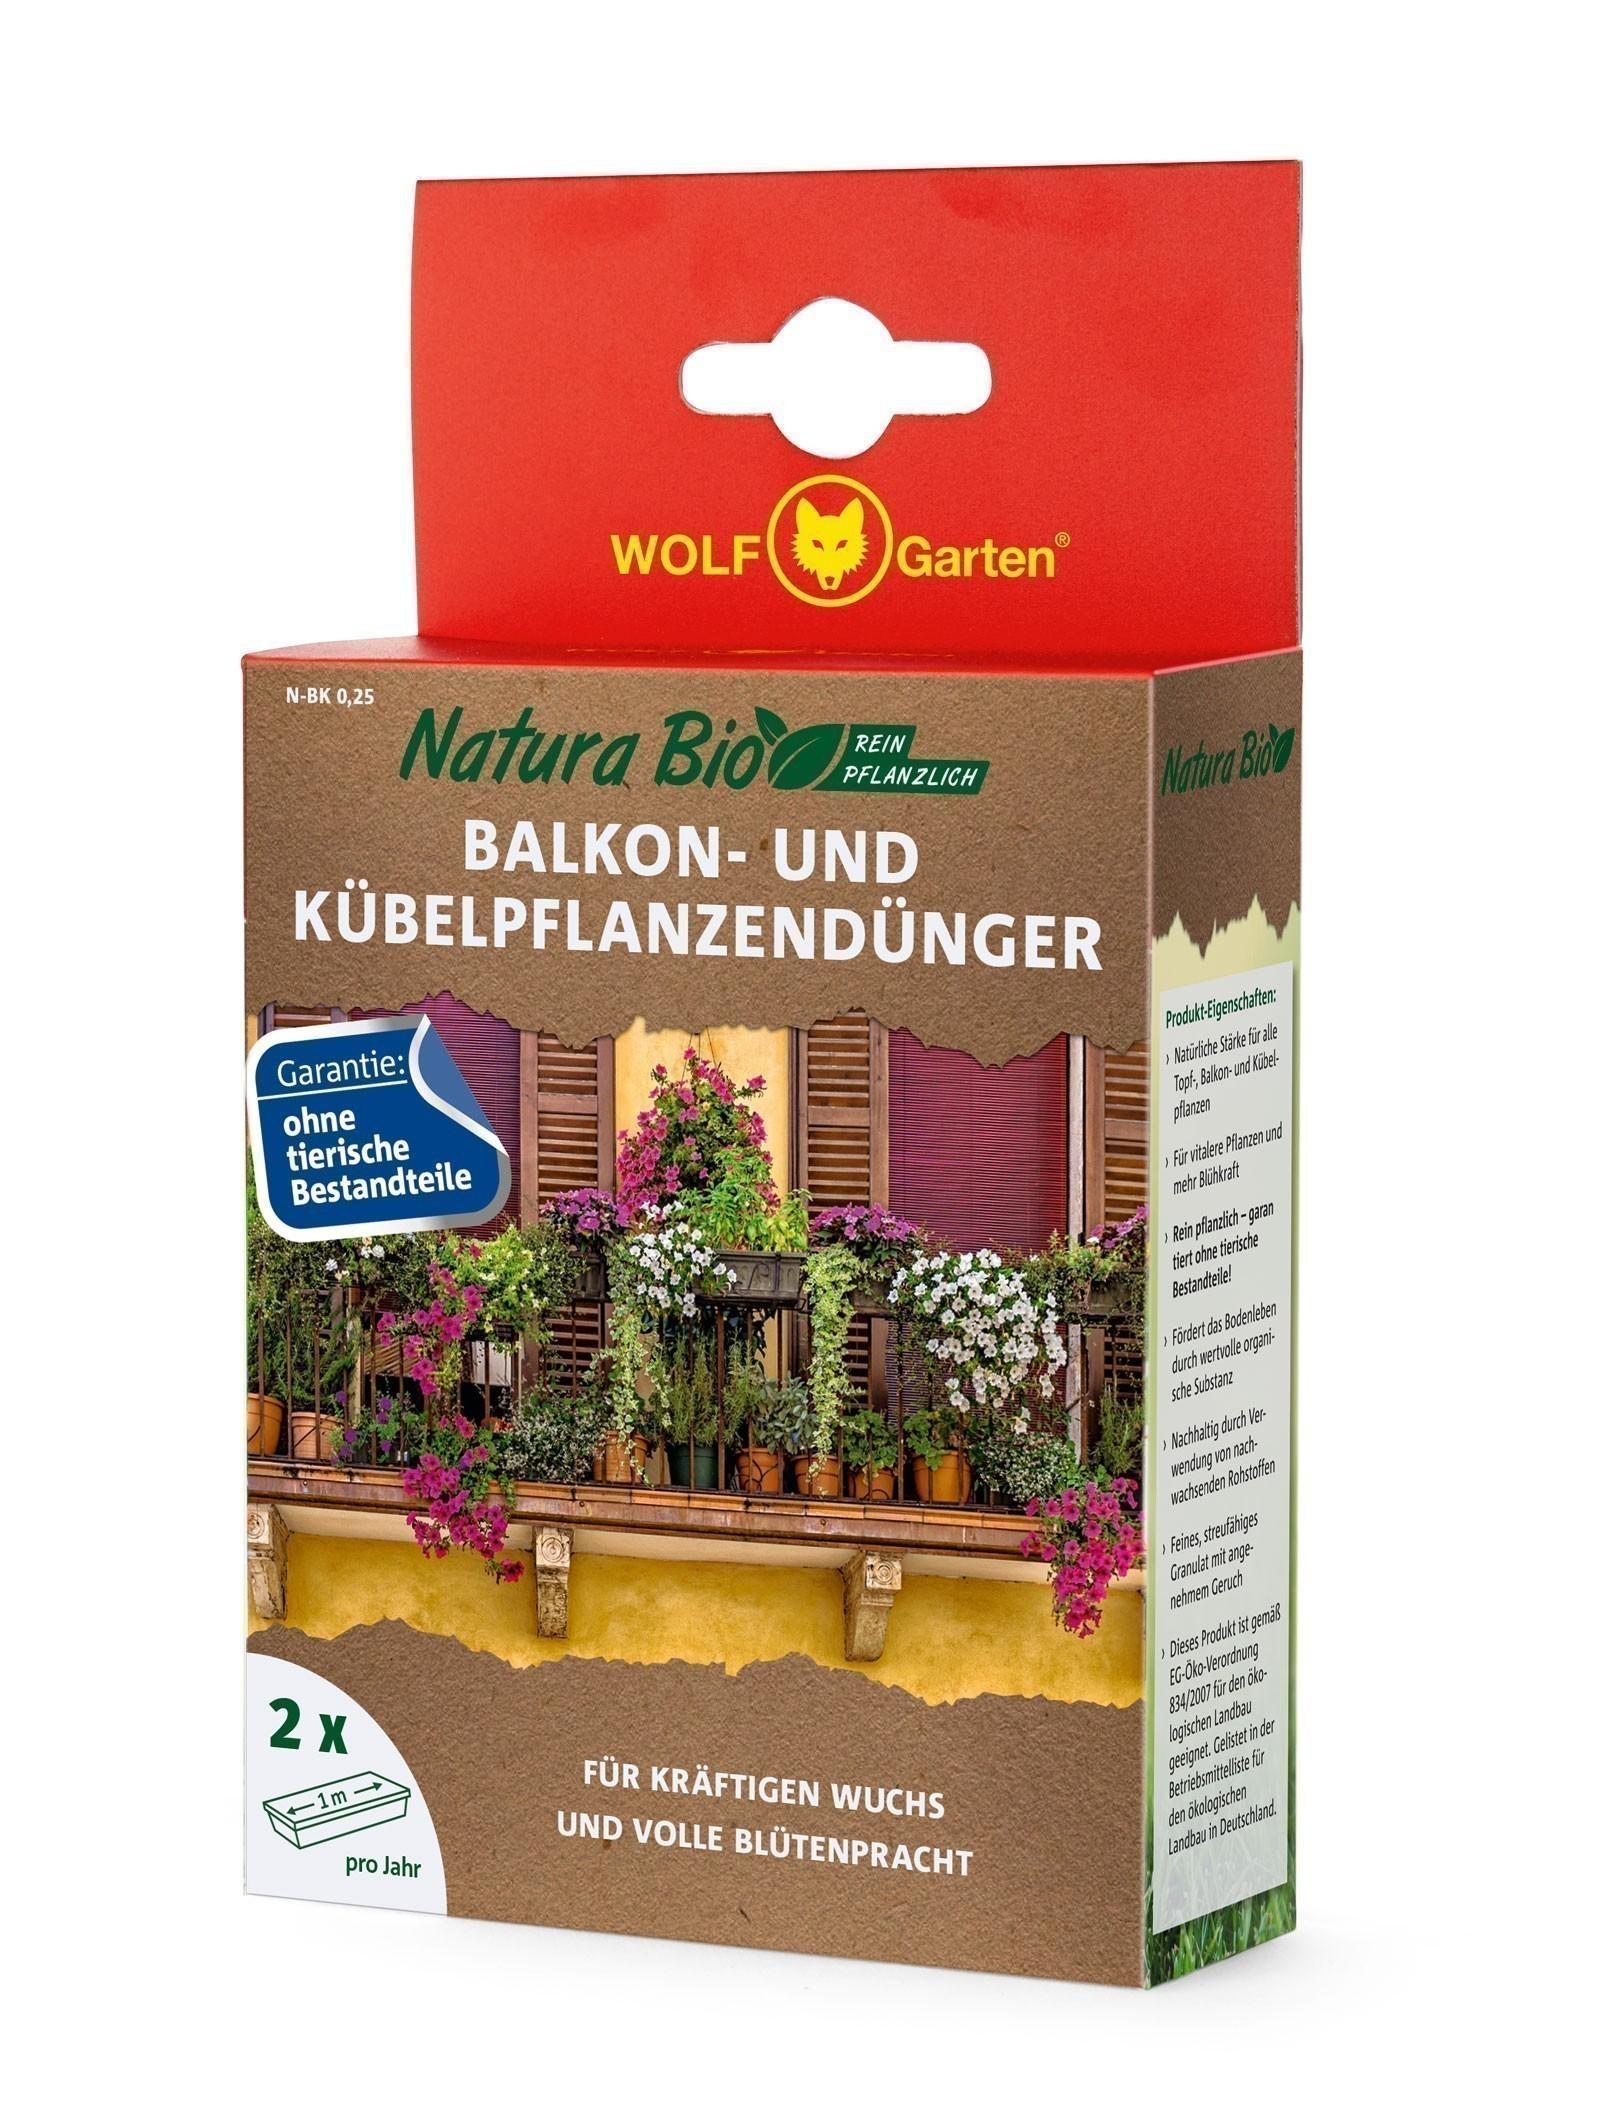 Wolf Garten Natura Bio Balkonkastendünger N-BK 0,25 Bild 1